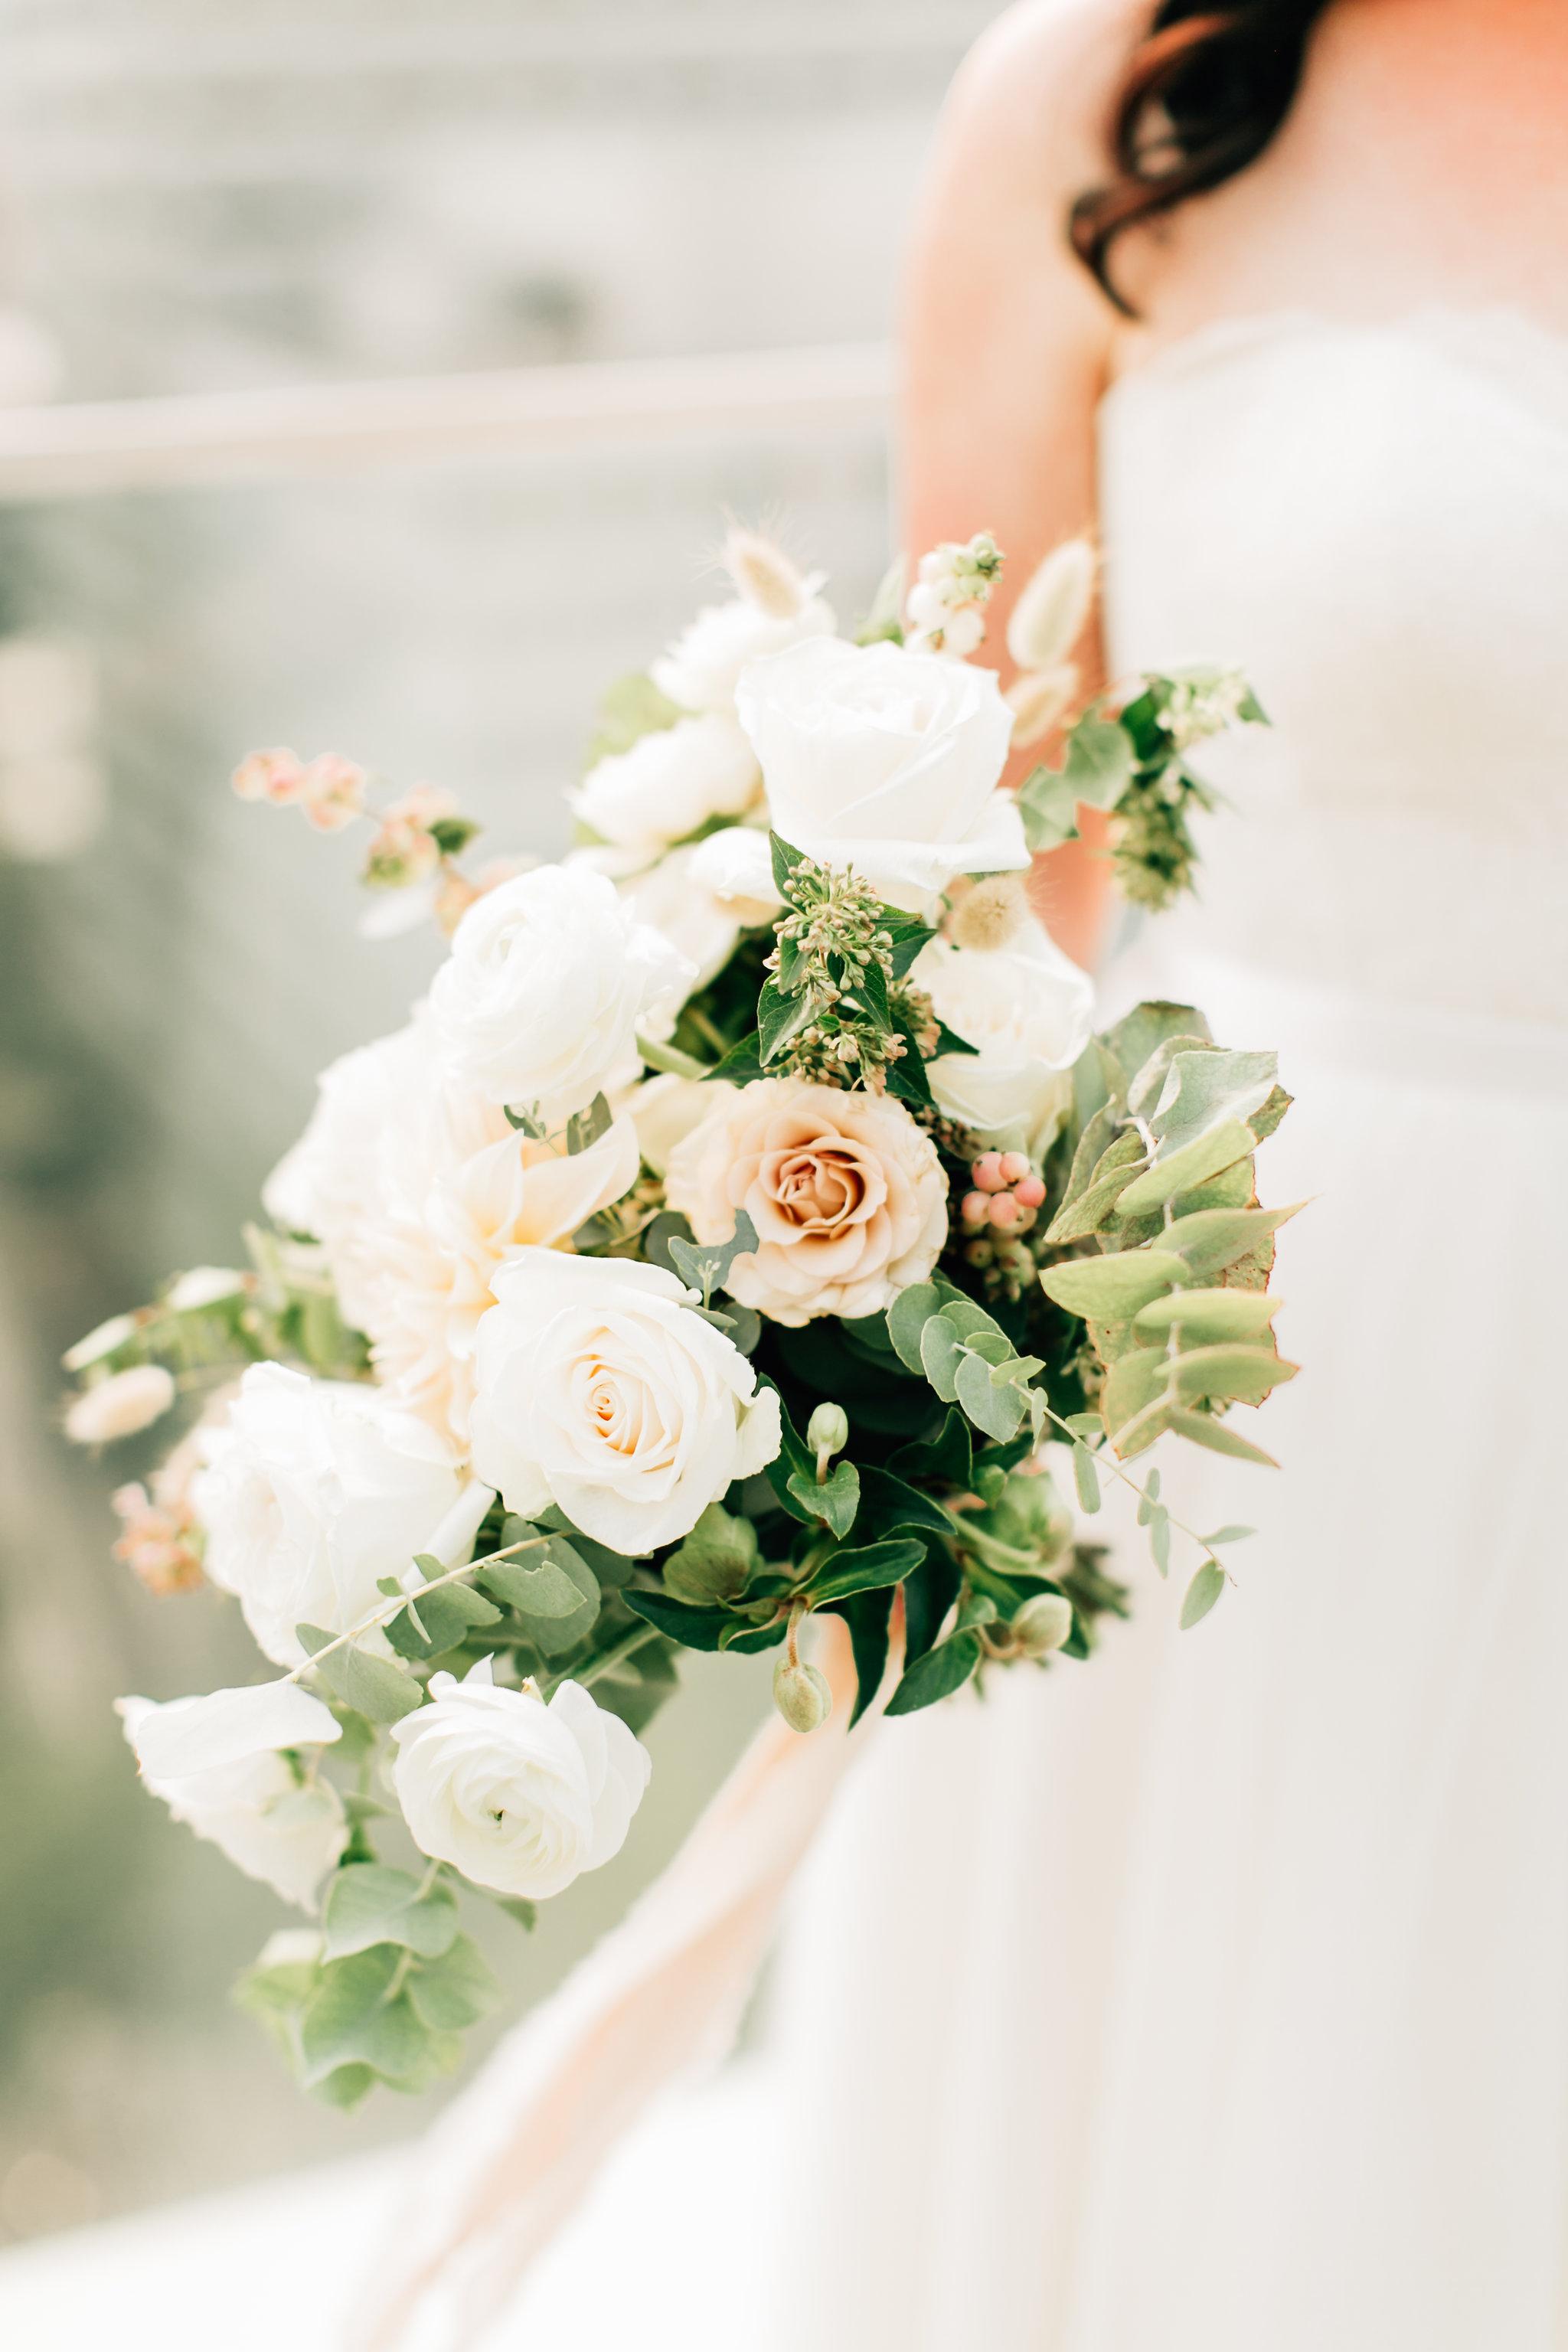 Seventh Stem Bridal Bouquet